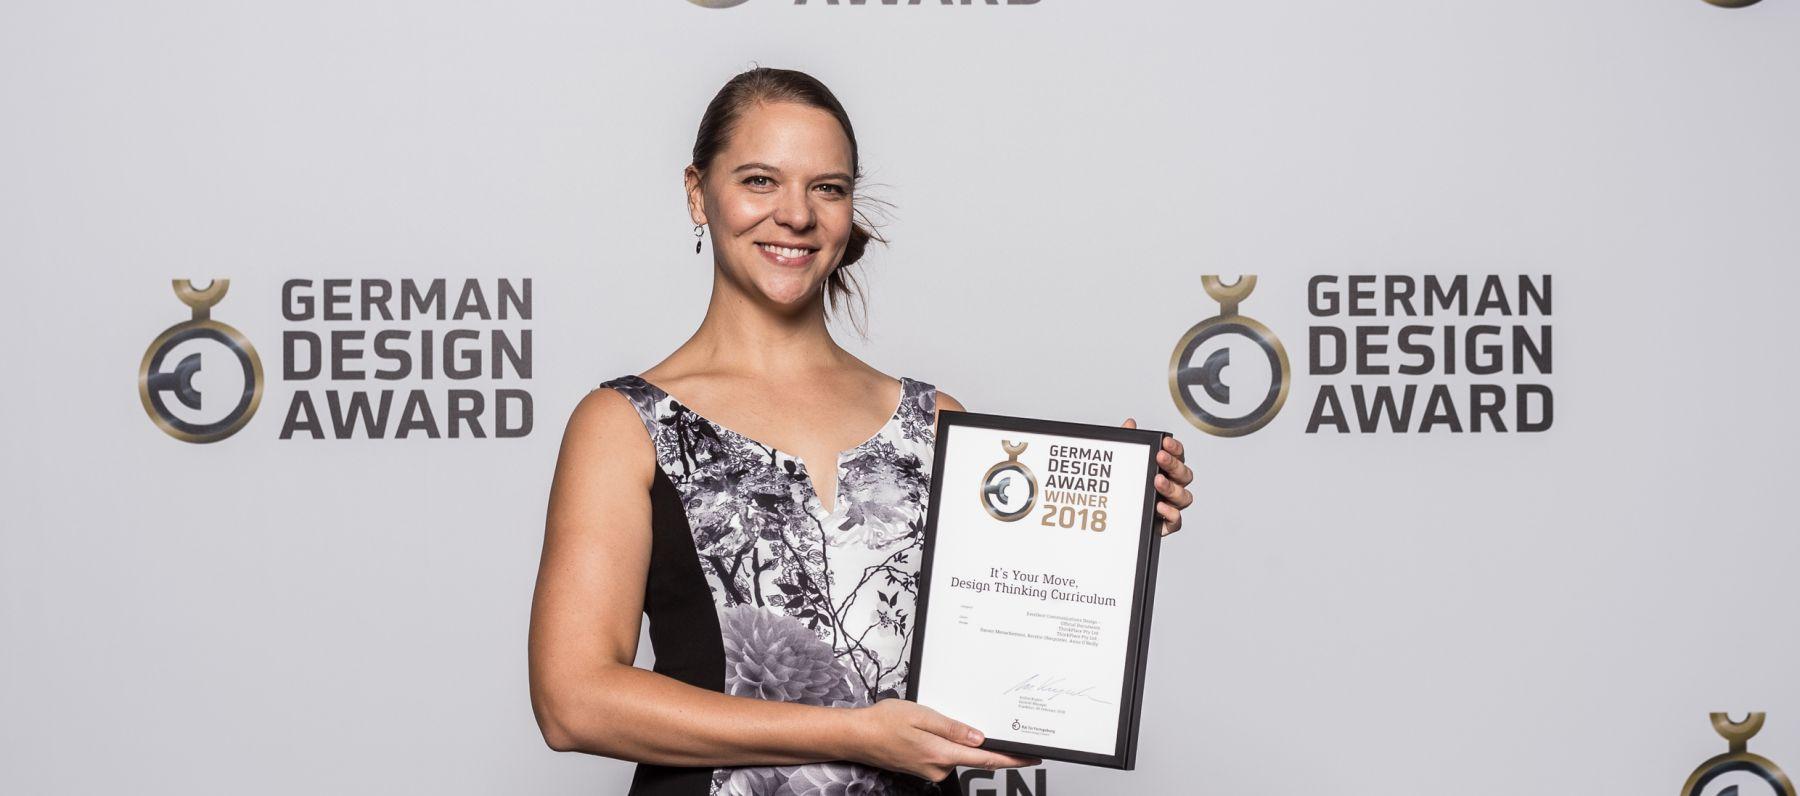 Kerstin Oberprieler with her German Design Award